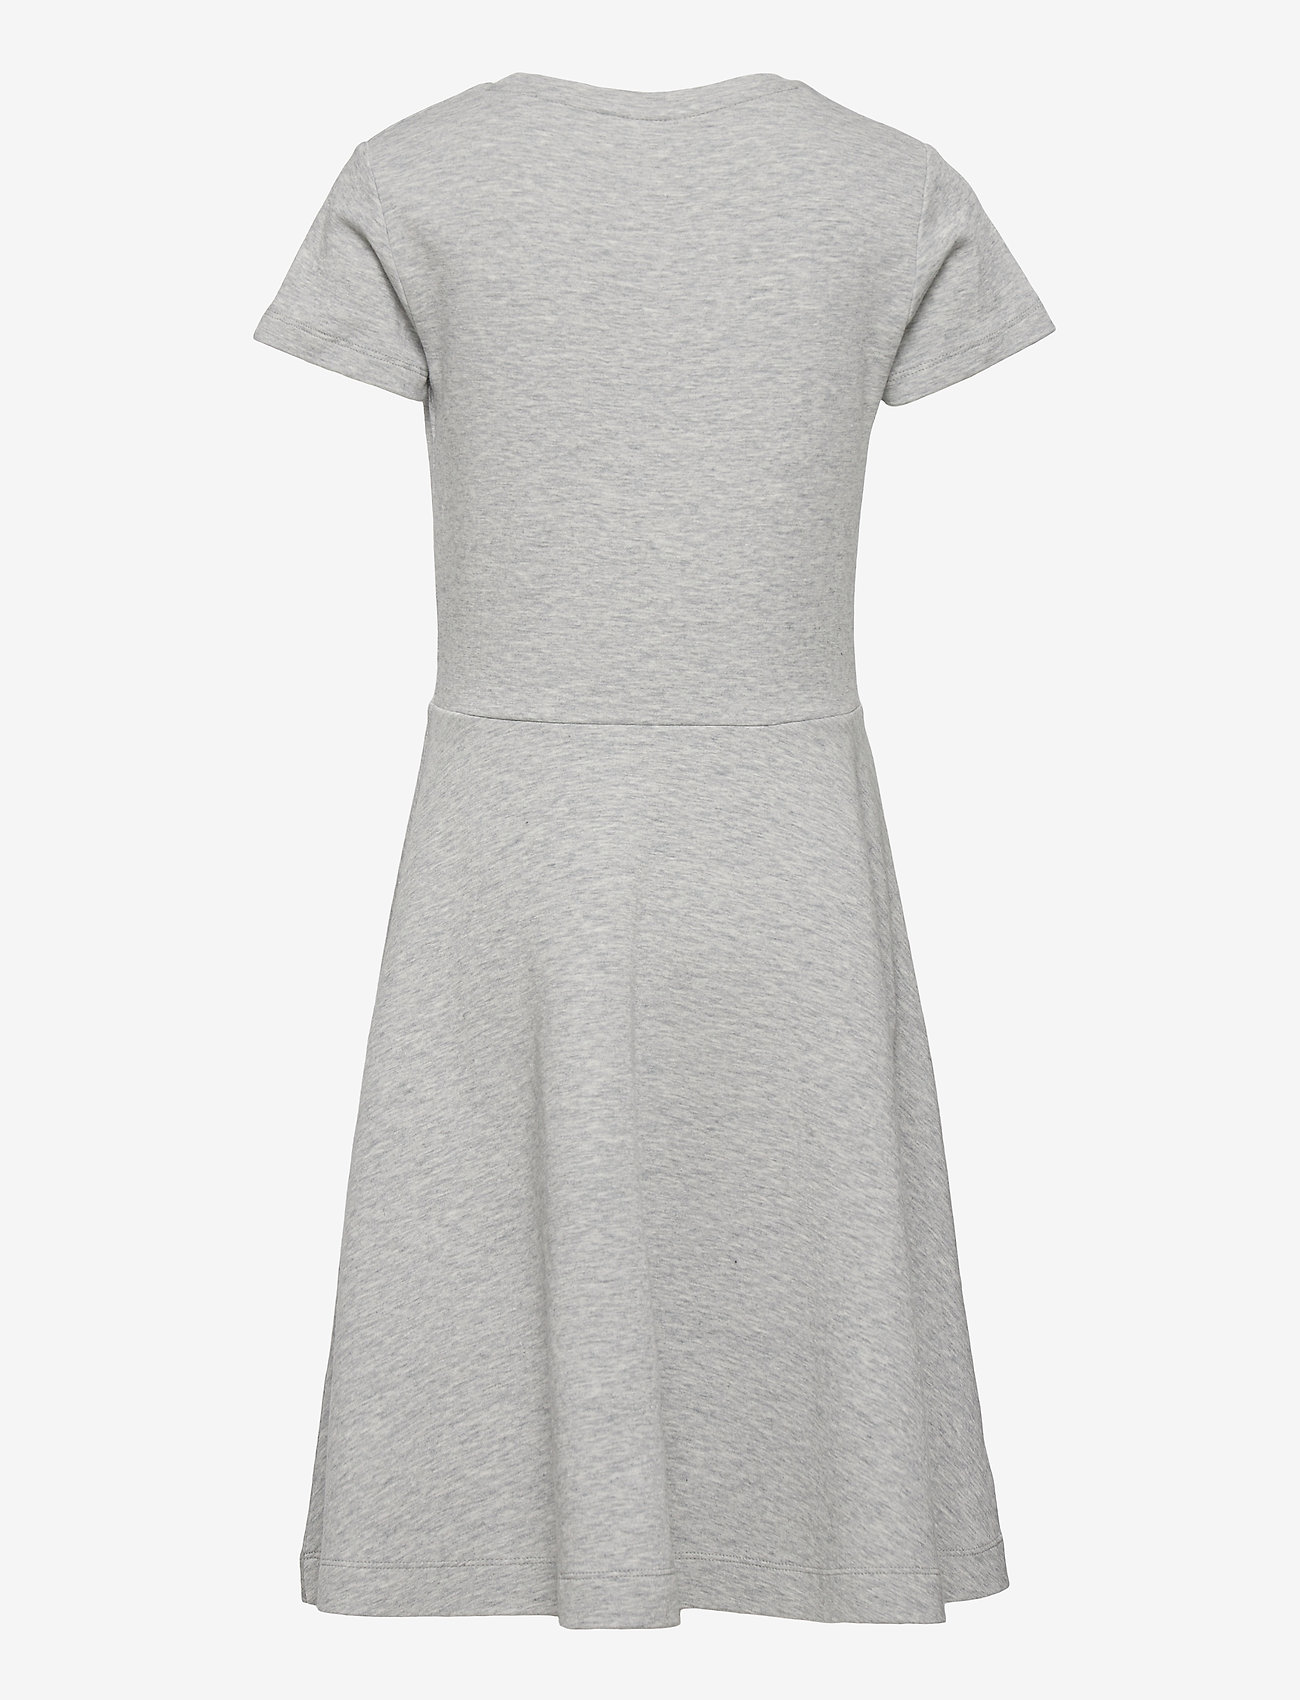 GANT - D1. ORIGINAL JERSEY DRESS - jurken - light grey melange - 1